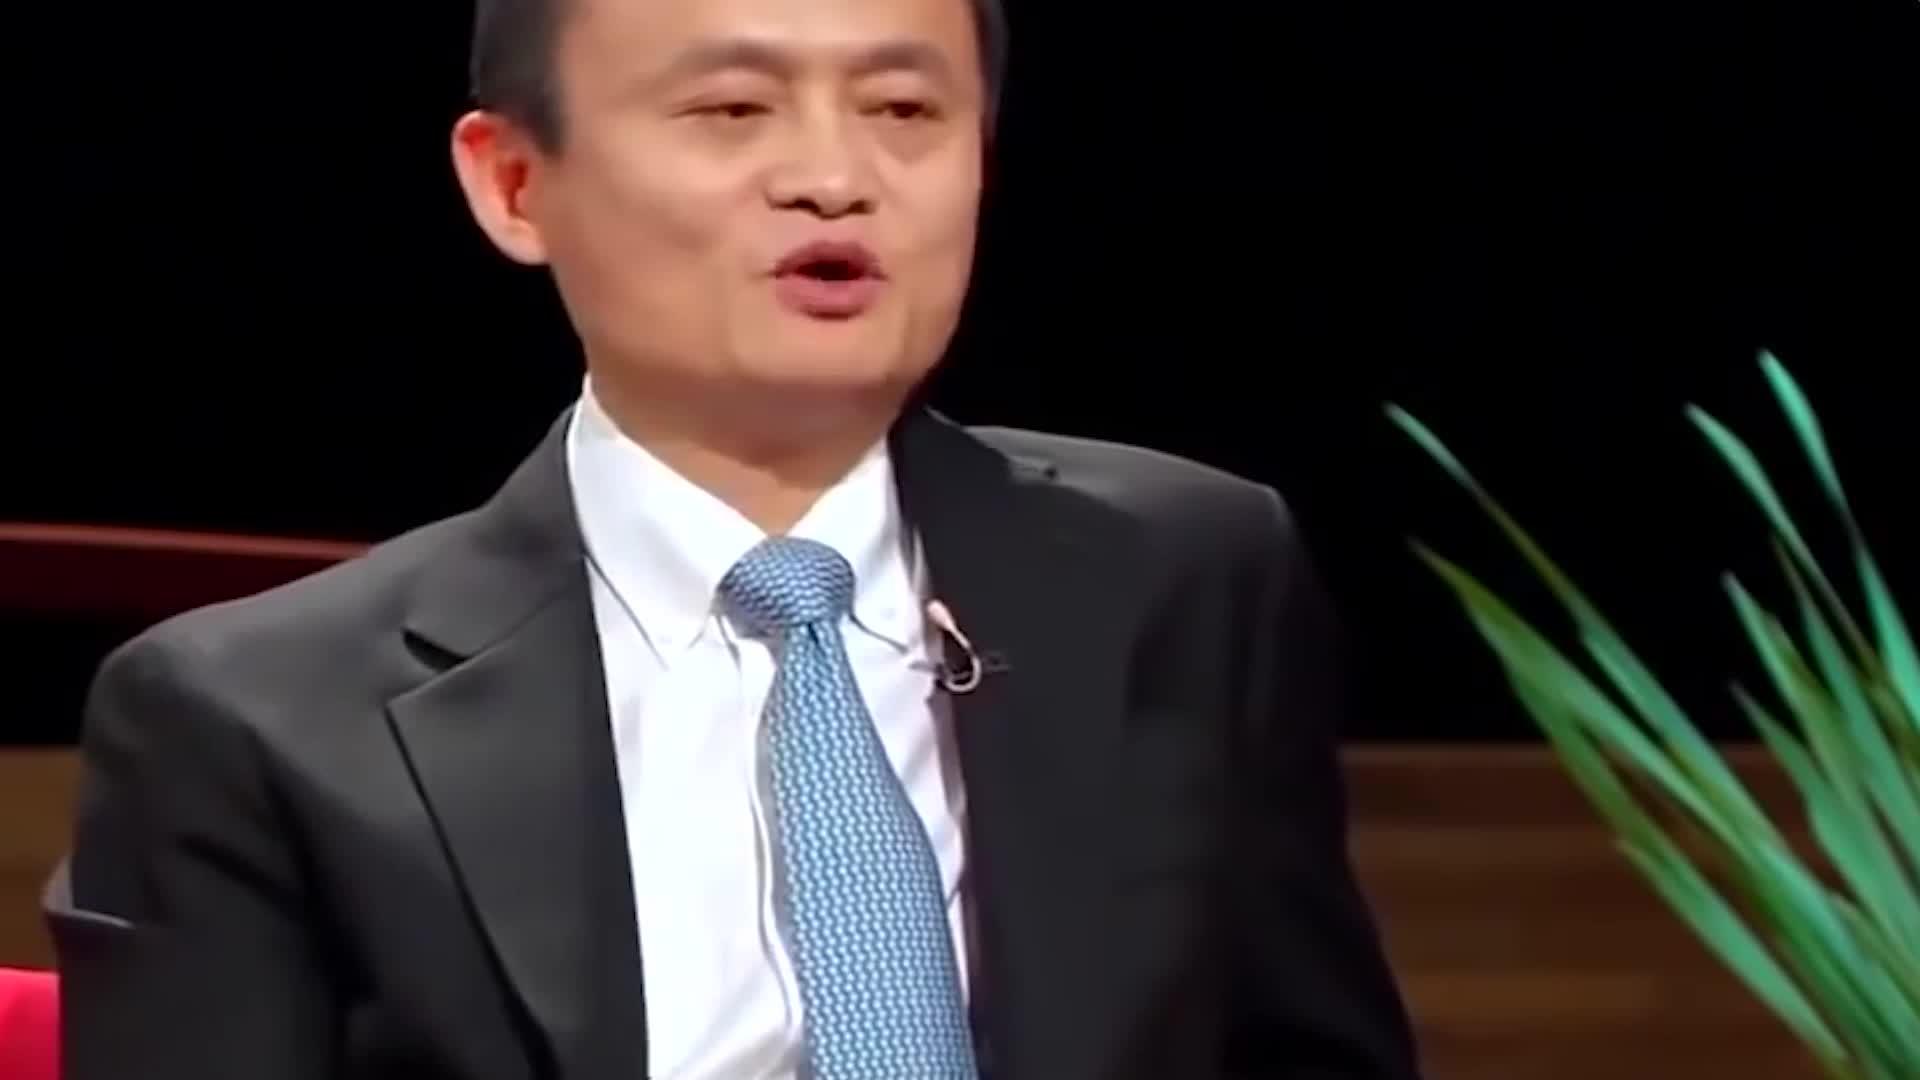 台湾主持人向马云,炫耀台湾多厉害,马云的回答堪称教科书!